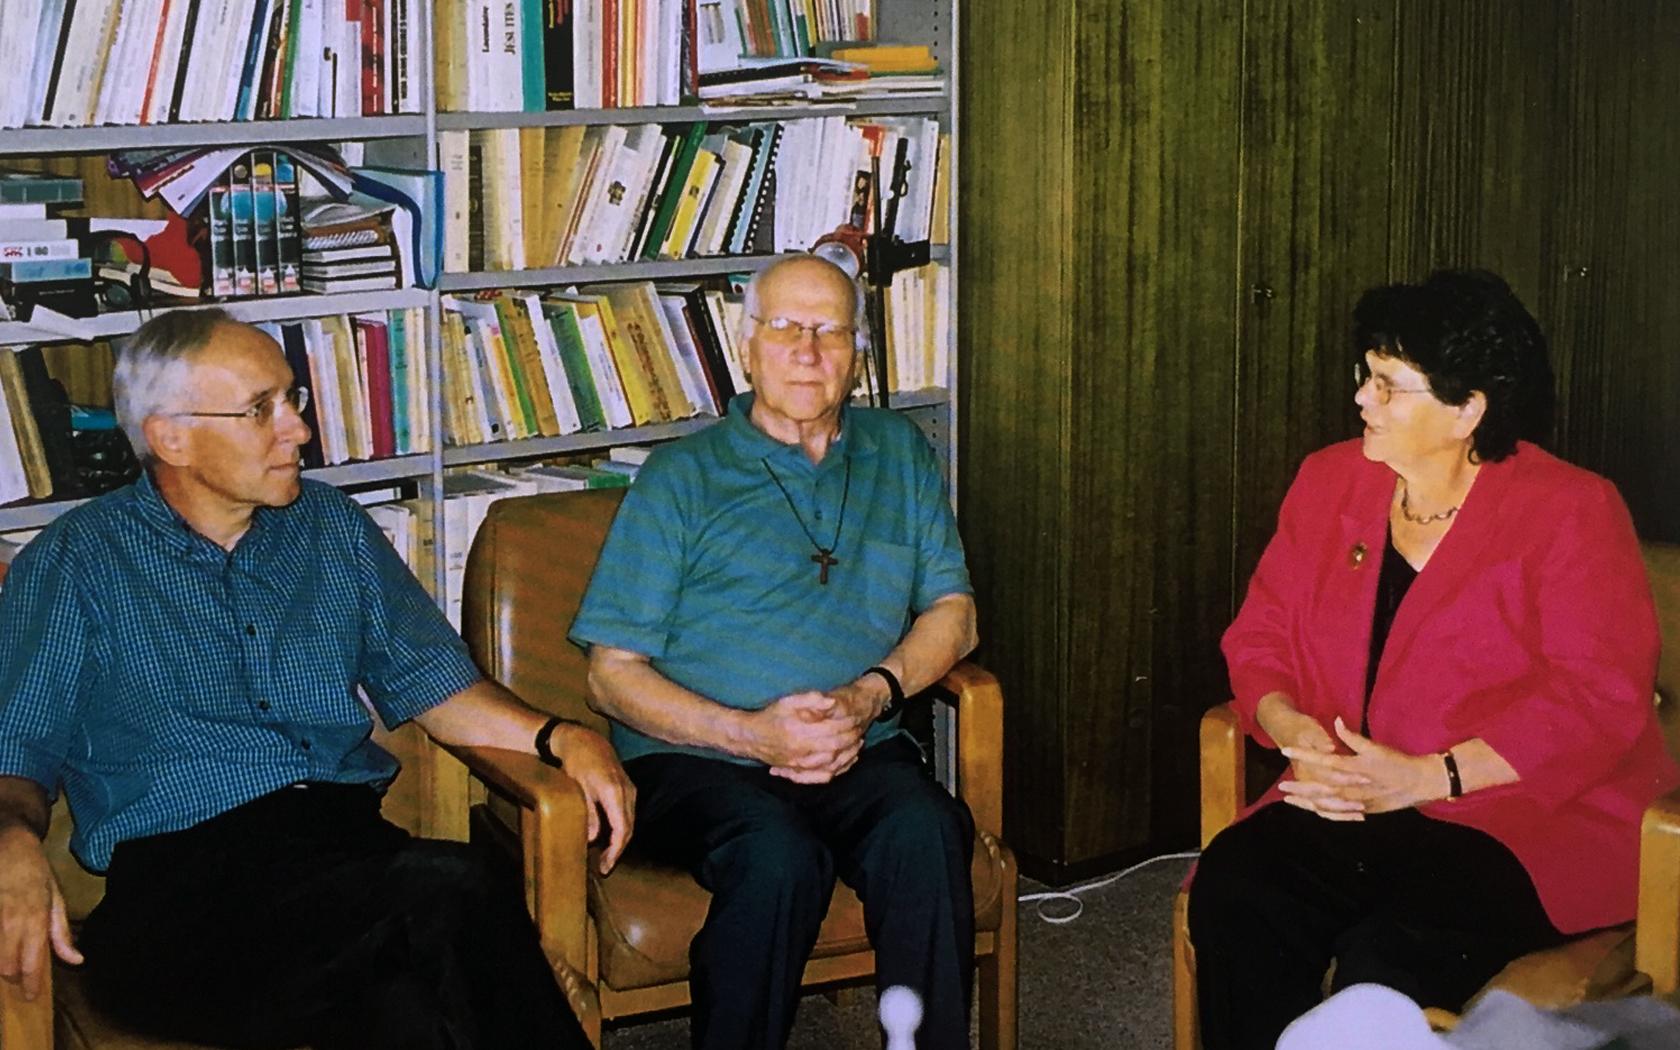 De gauche à droite: Clau Lombriser, Jean de la Croix Kaelin, Ruth Dreifuss